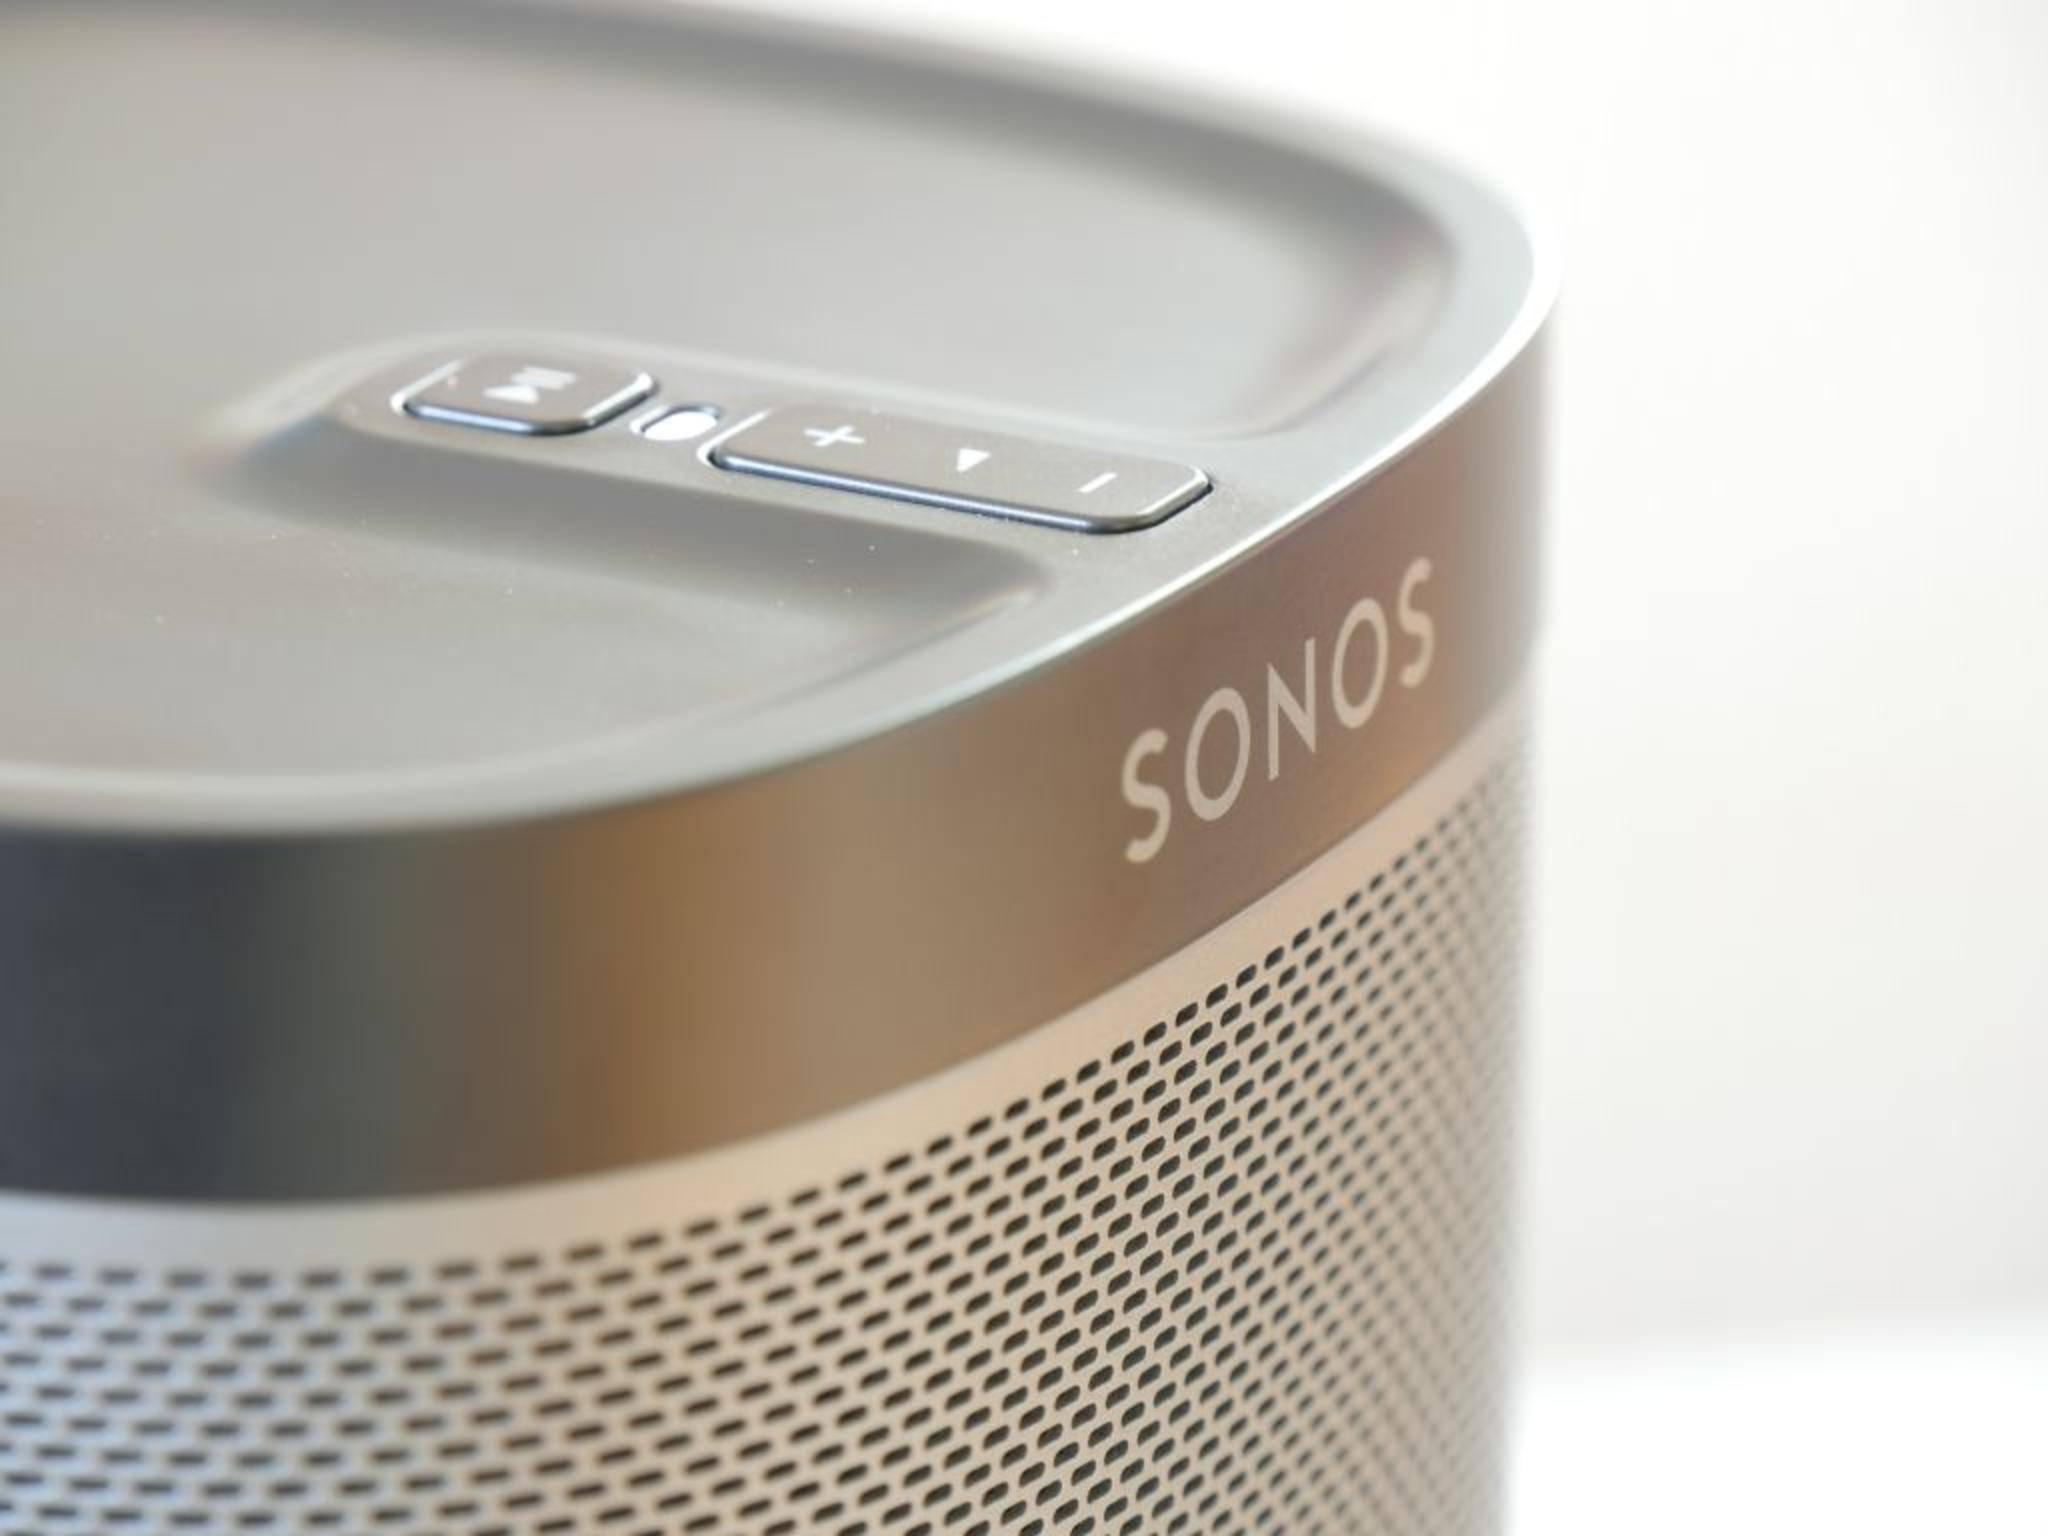 Zum Ende des Jahres kommt Apple Music auch aus Sonos-Boxen.